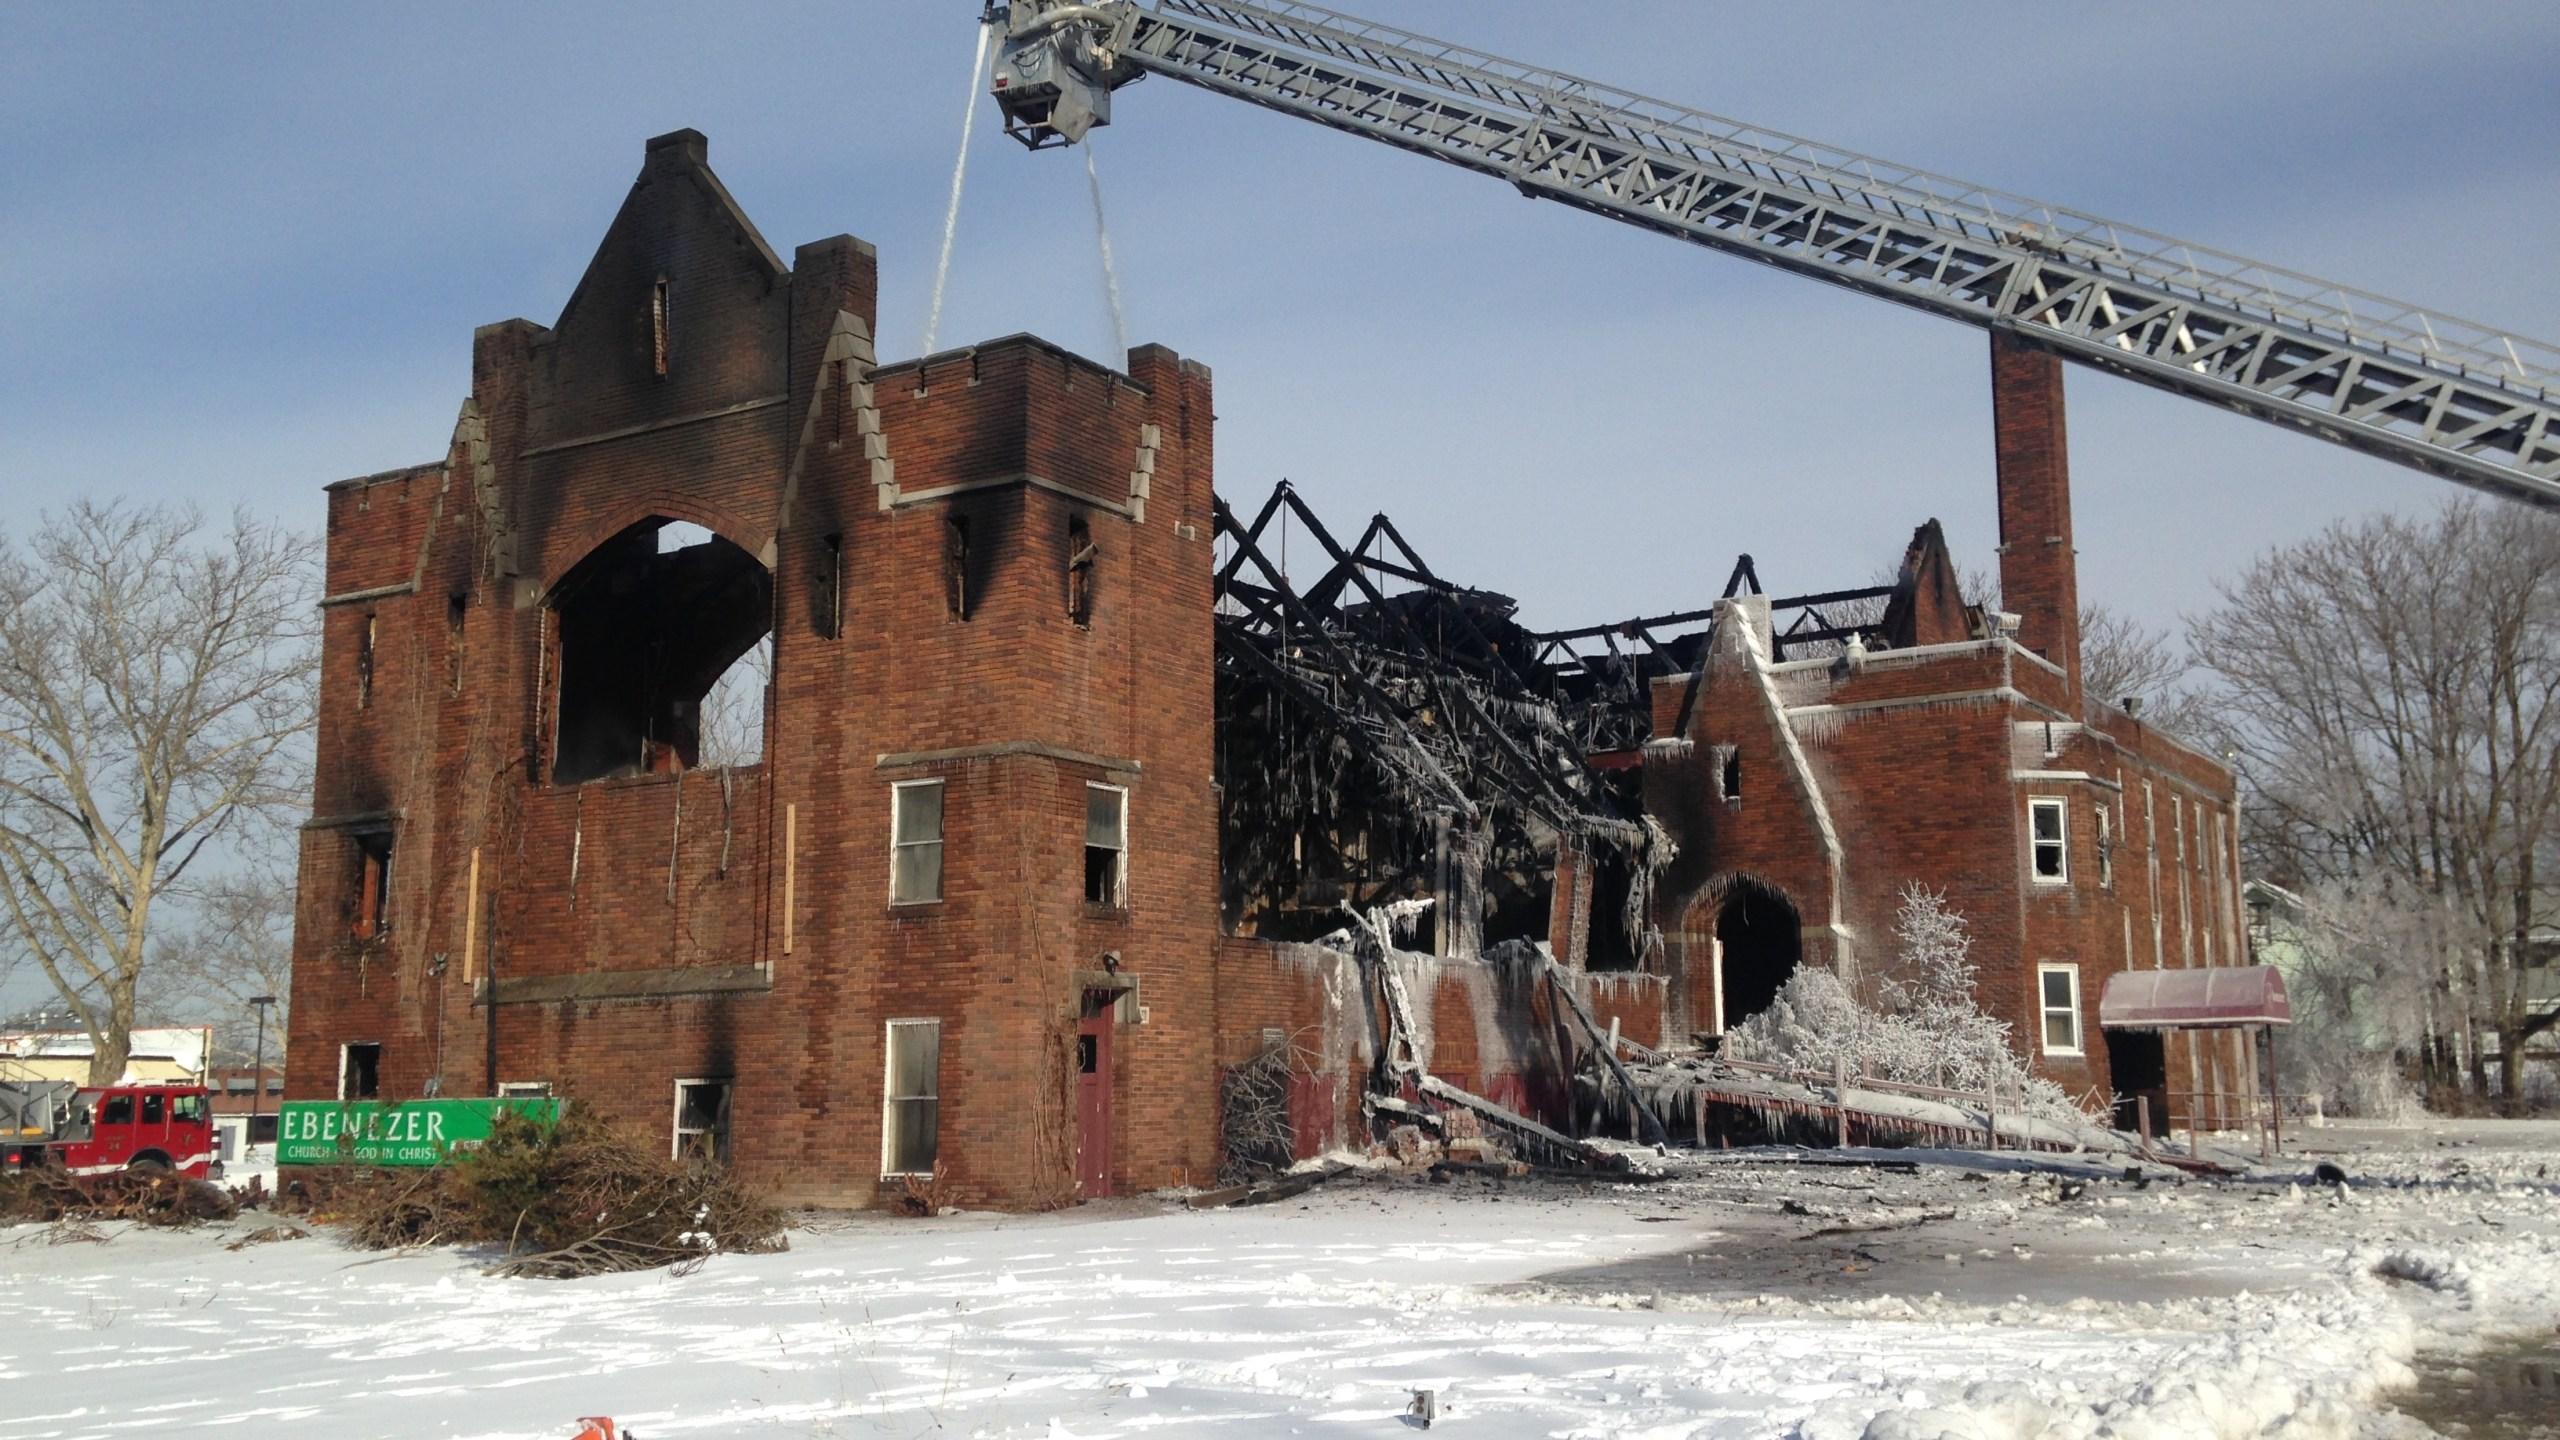 Fire guts church_32708